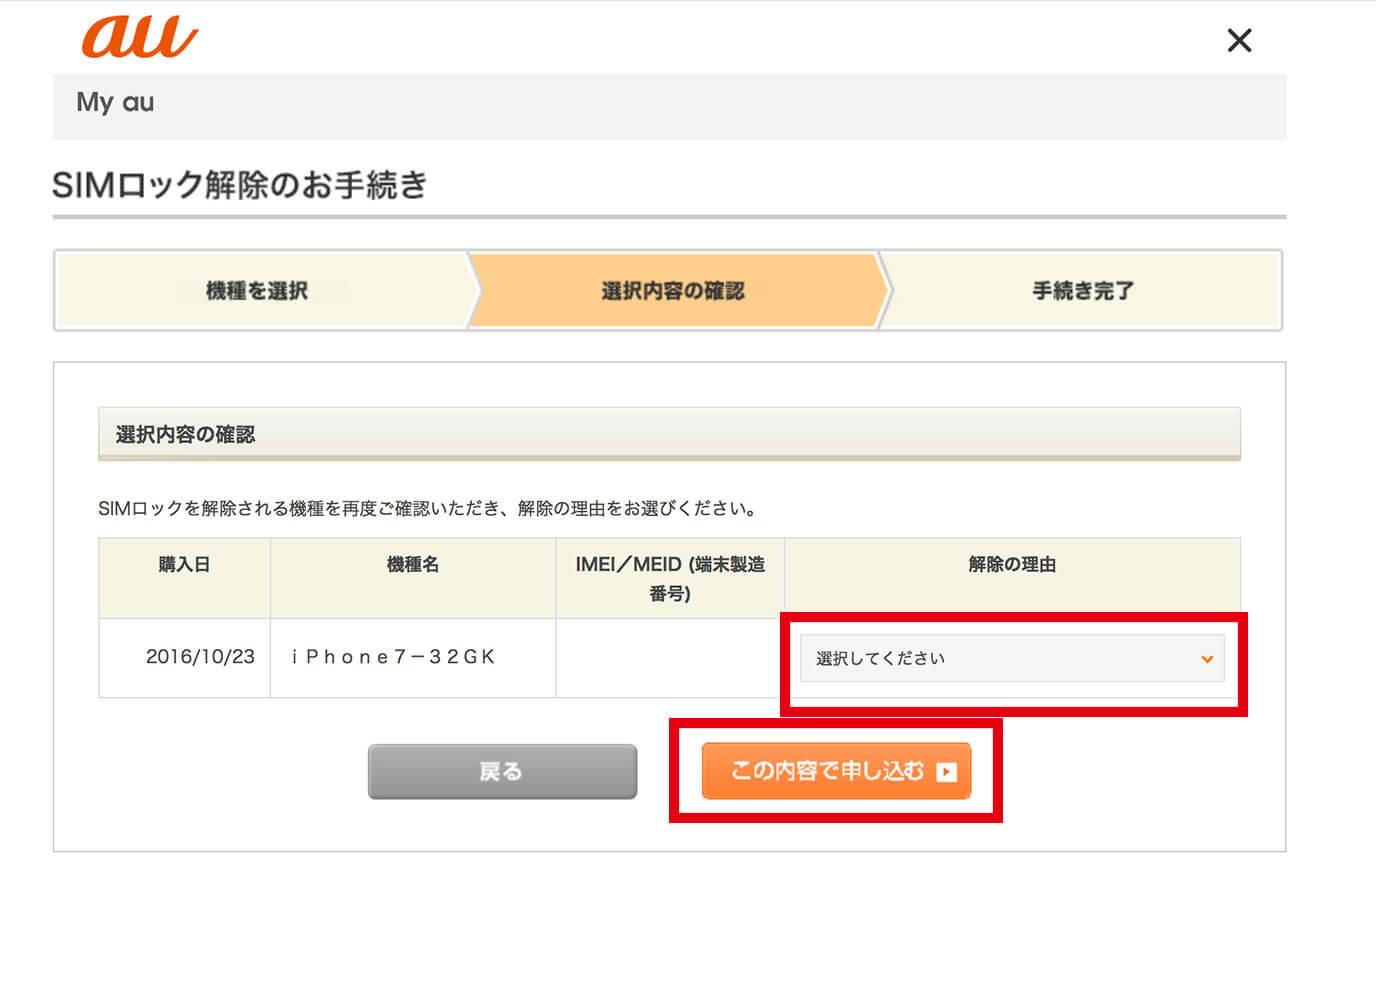 .SIMロック解除の理由をセレクトボックスから選択し「この内容で申し込む」をクリックします。